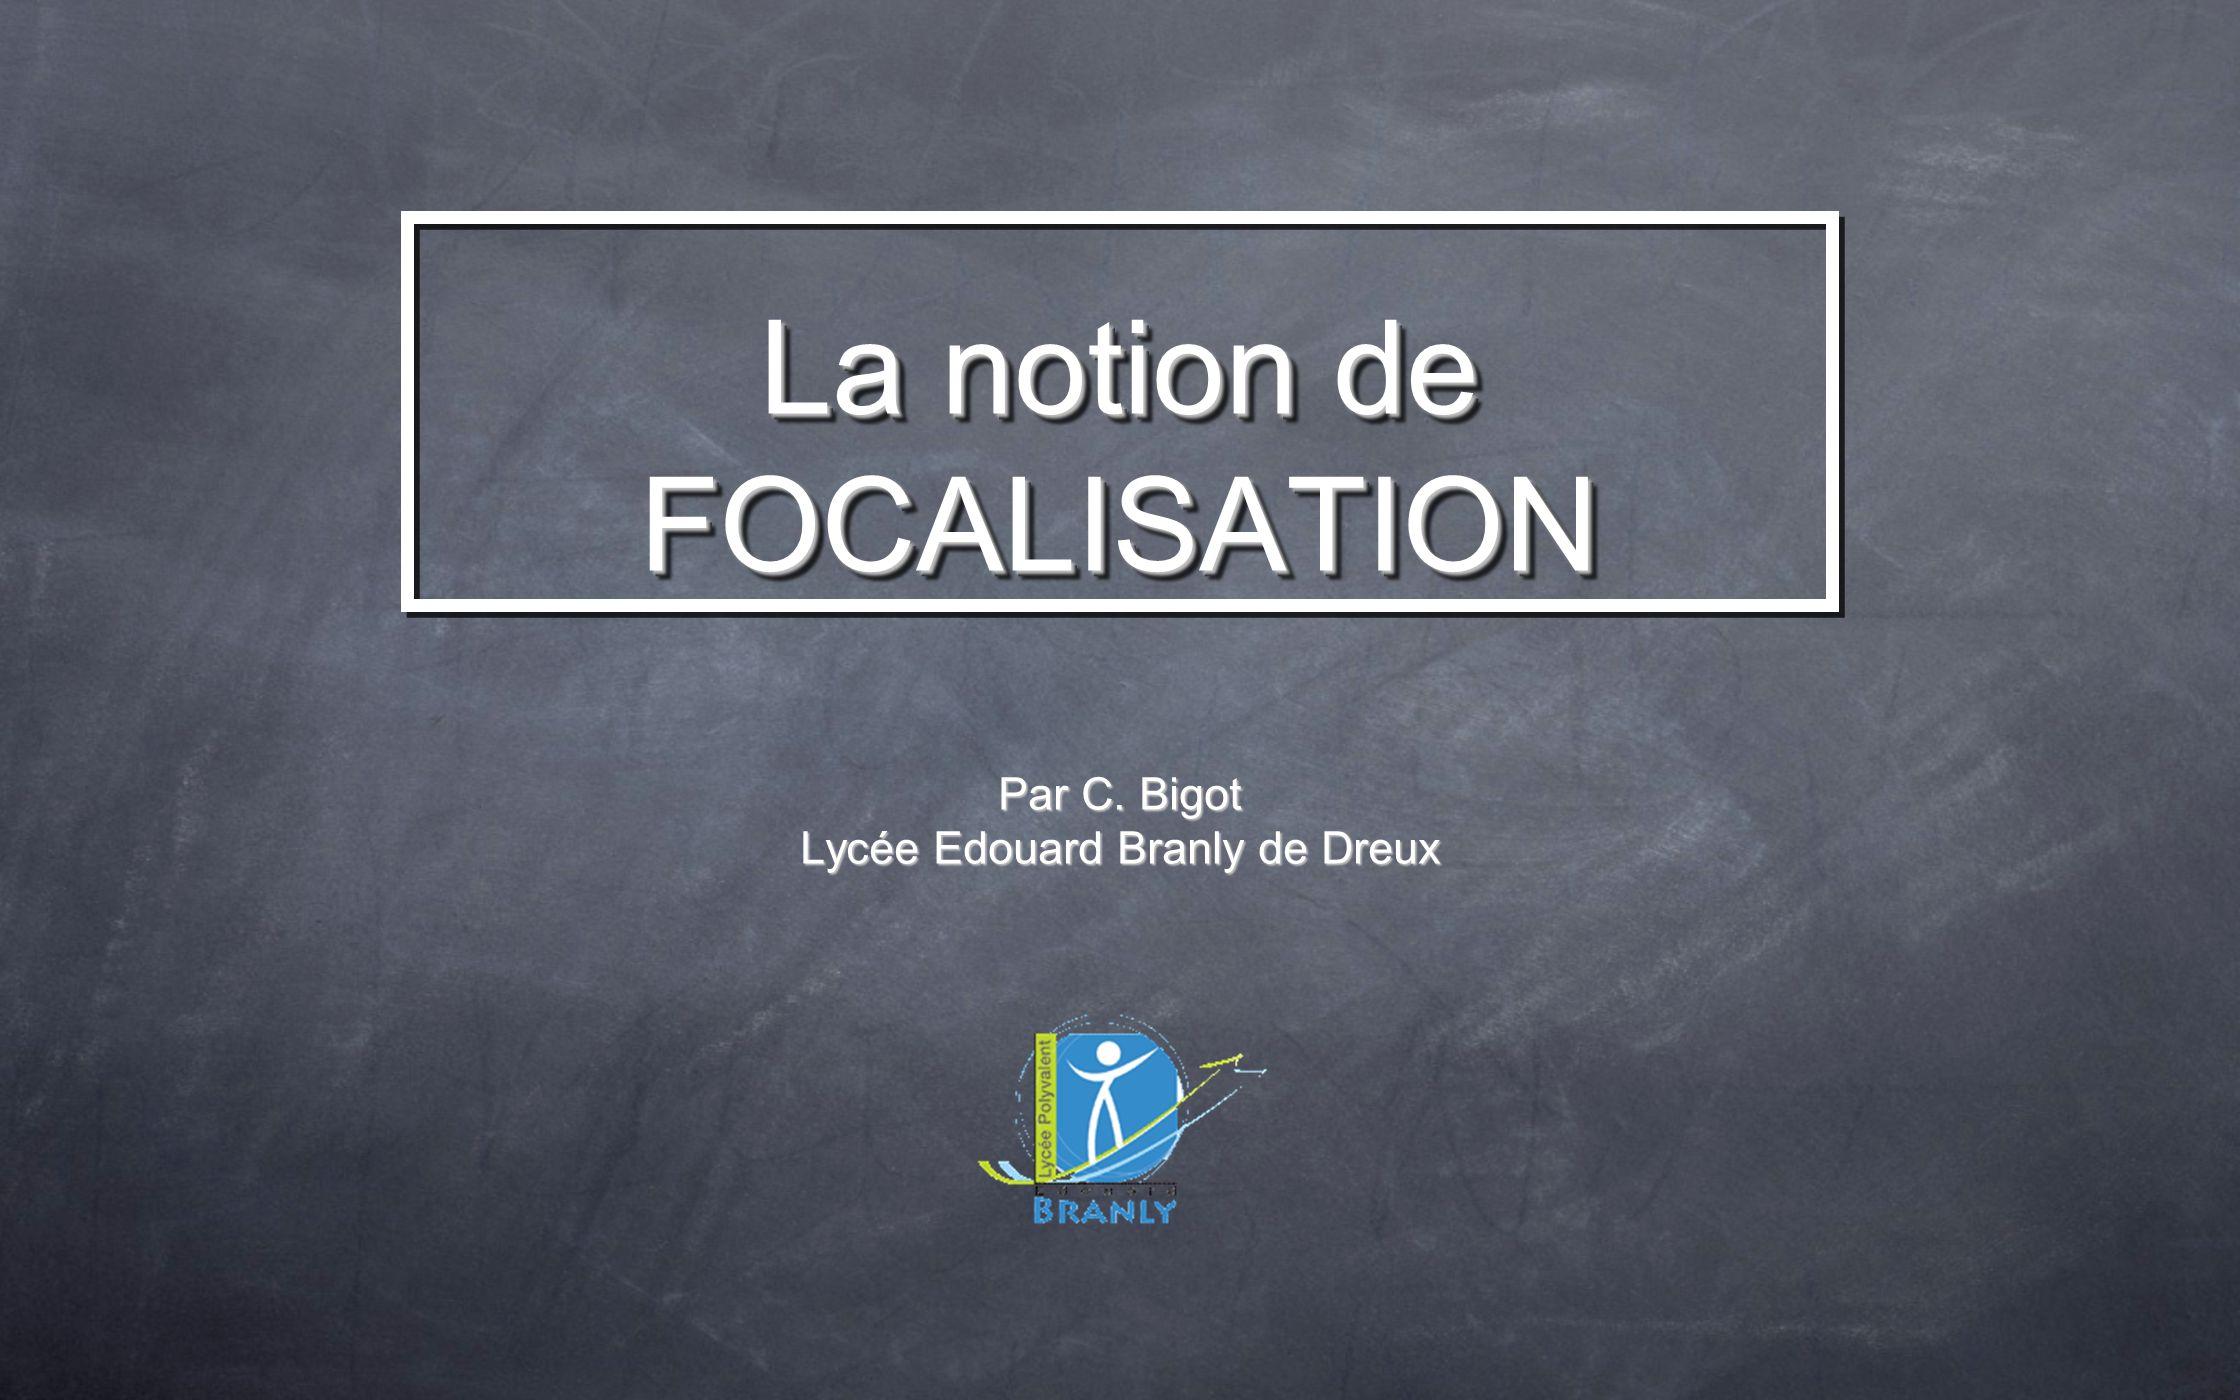 Par C. Bigot Lycée Edouard Branly de Dreux